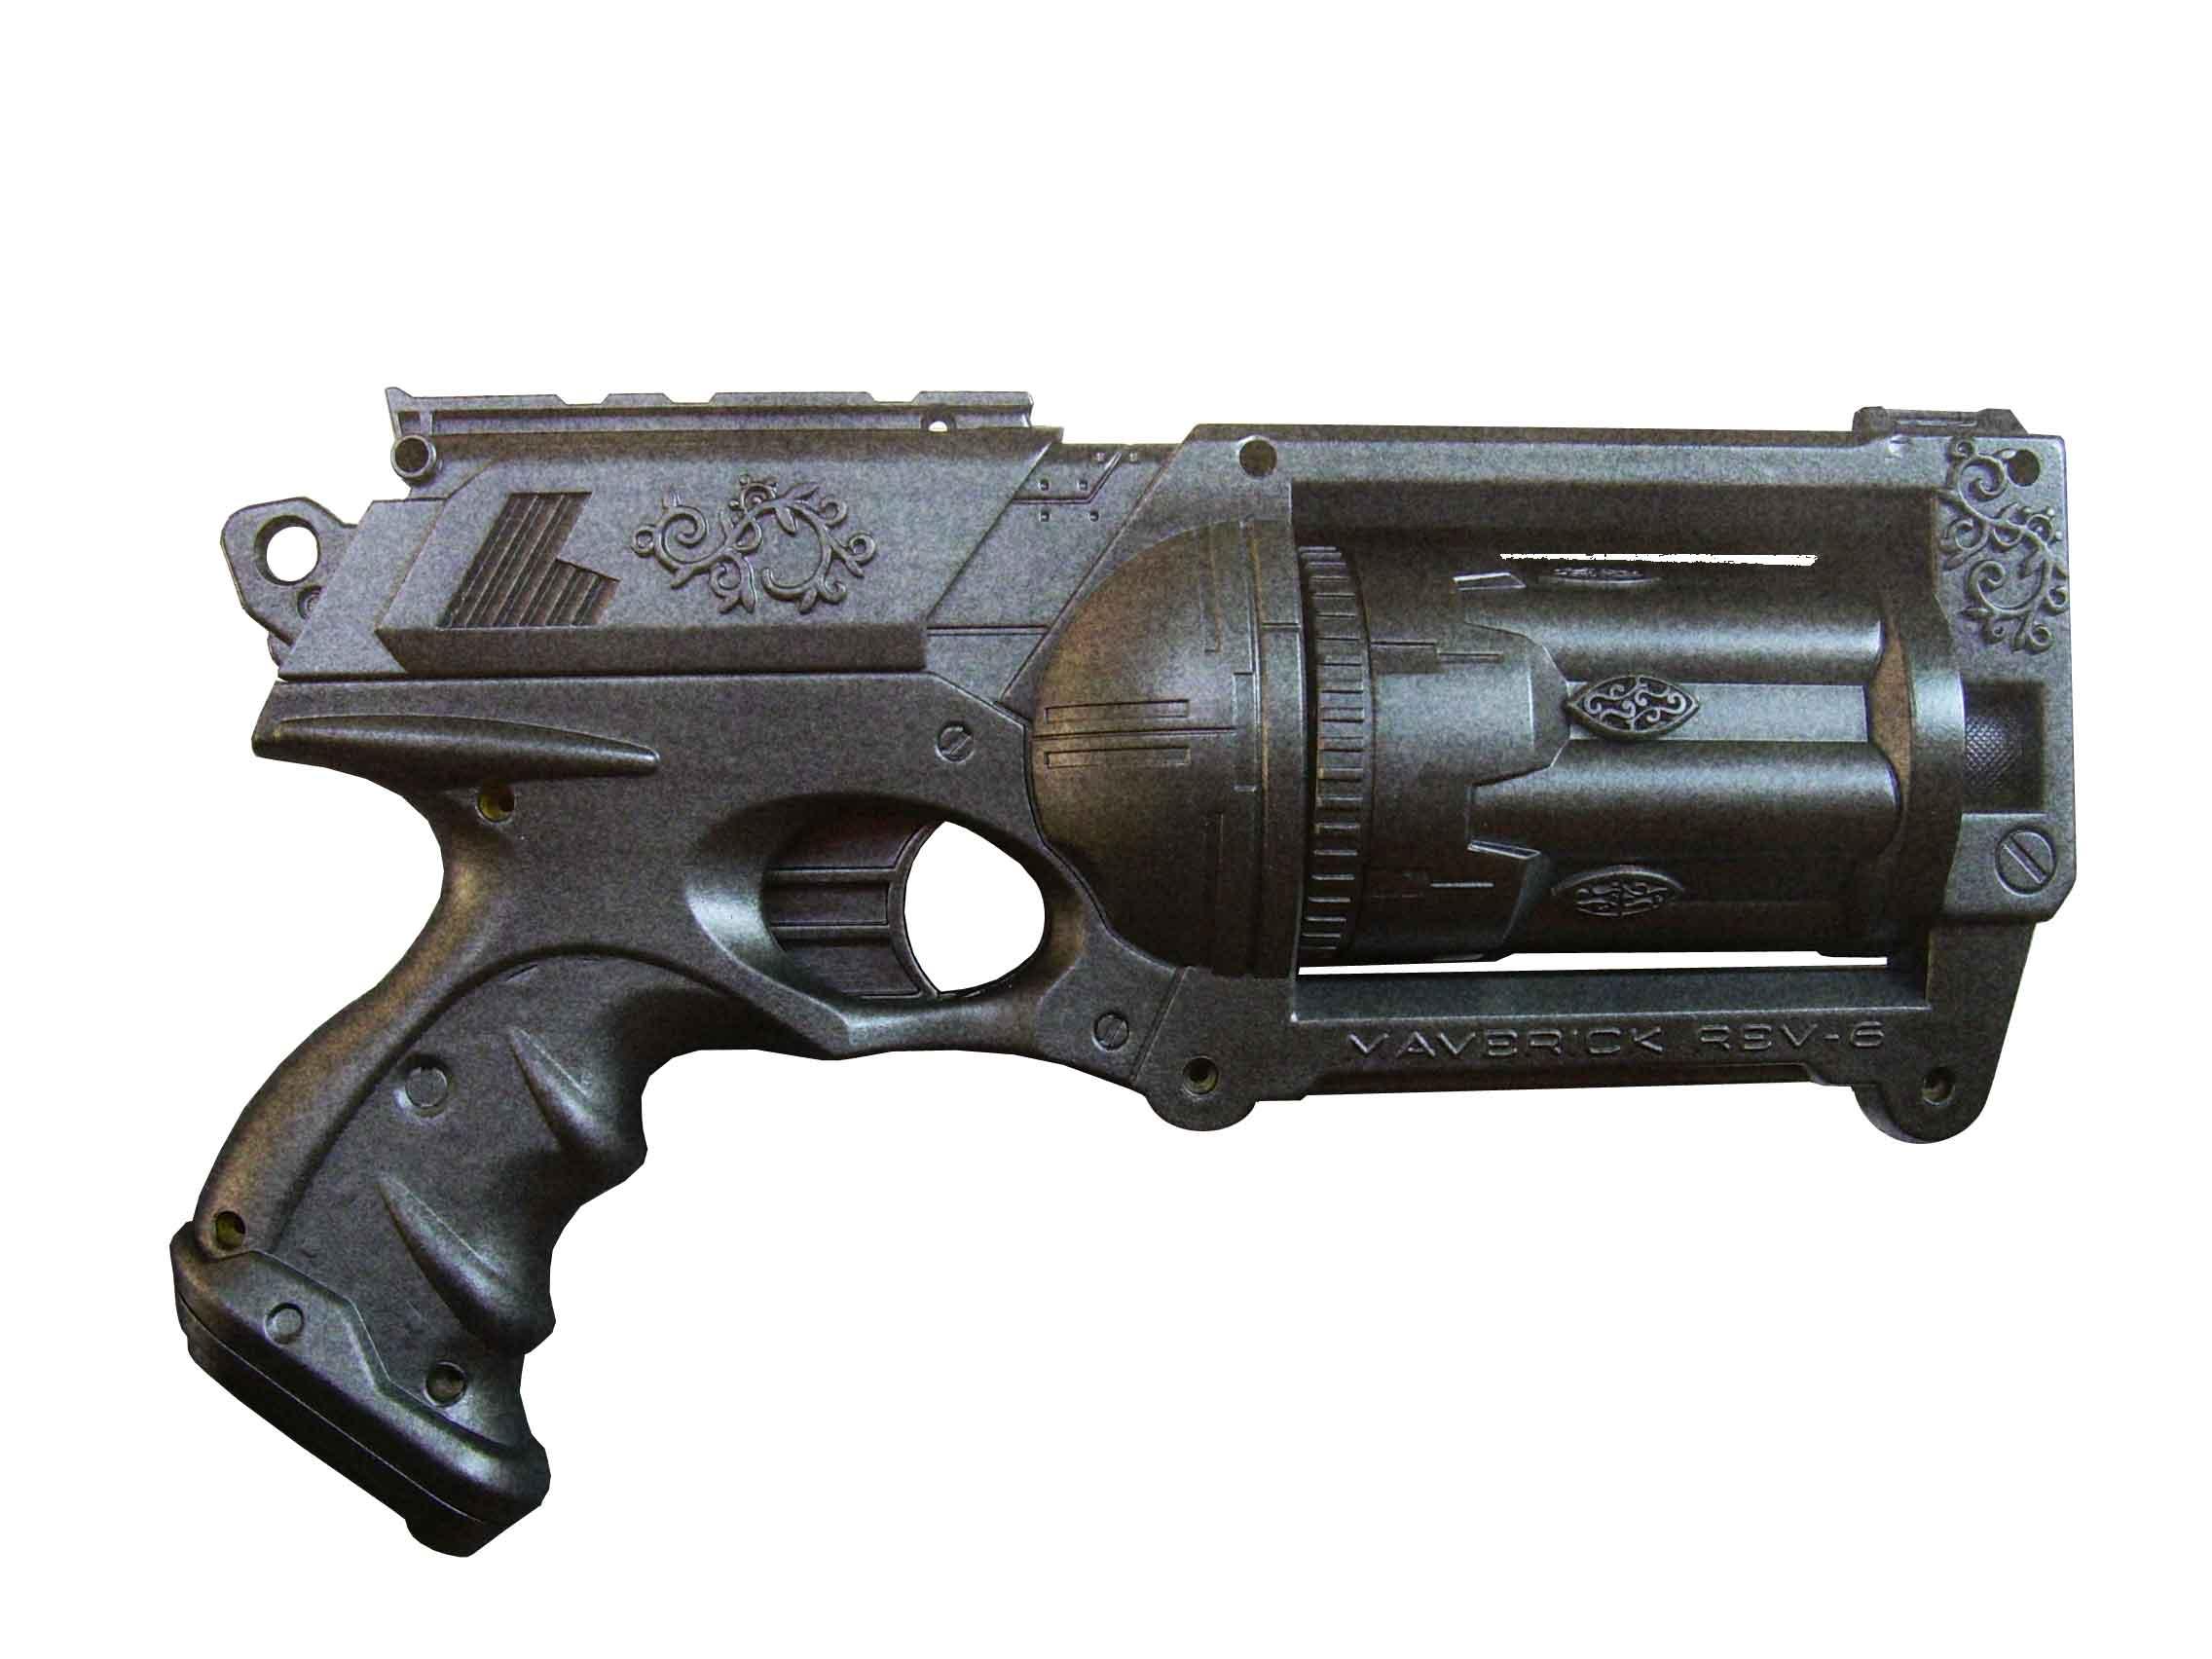 Nerf Maverick steel